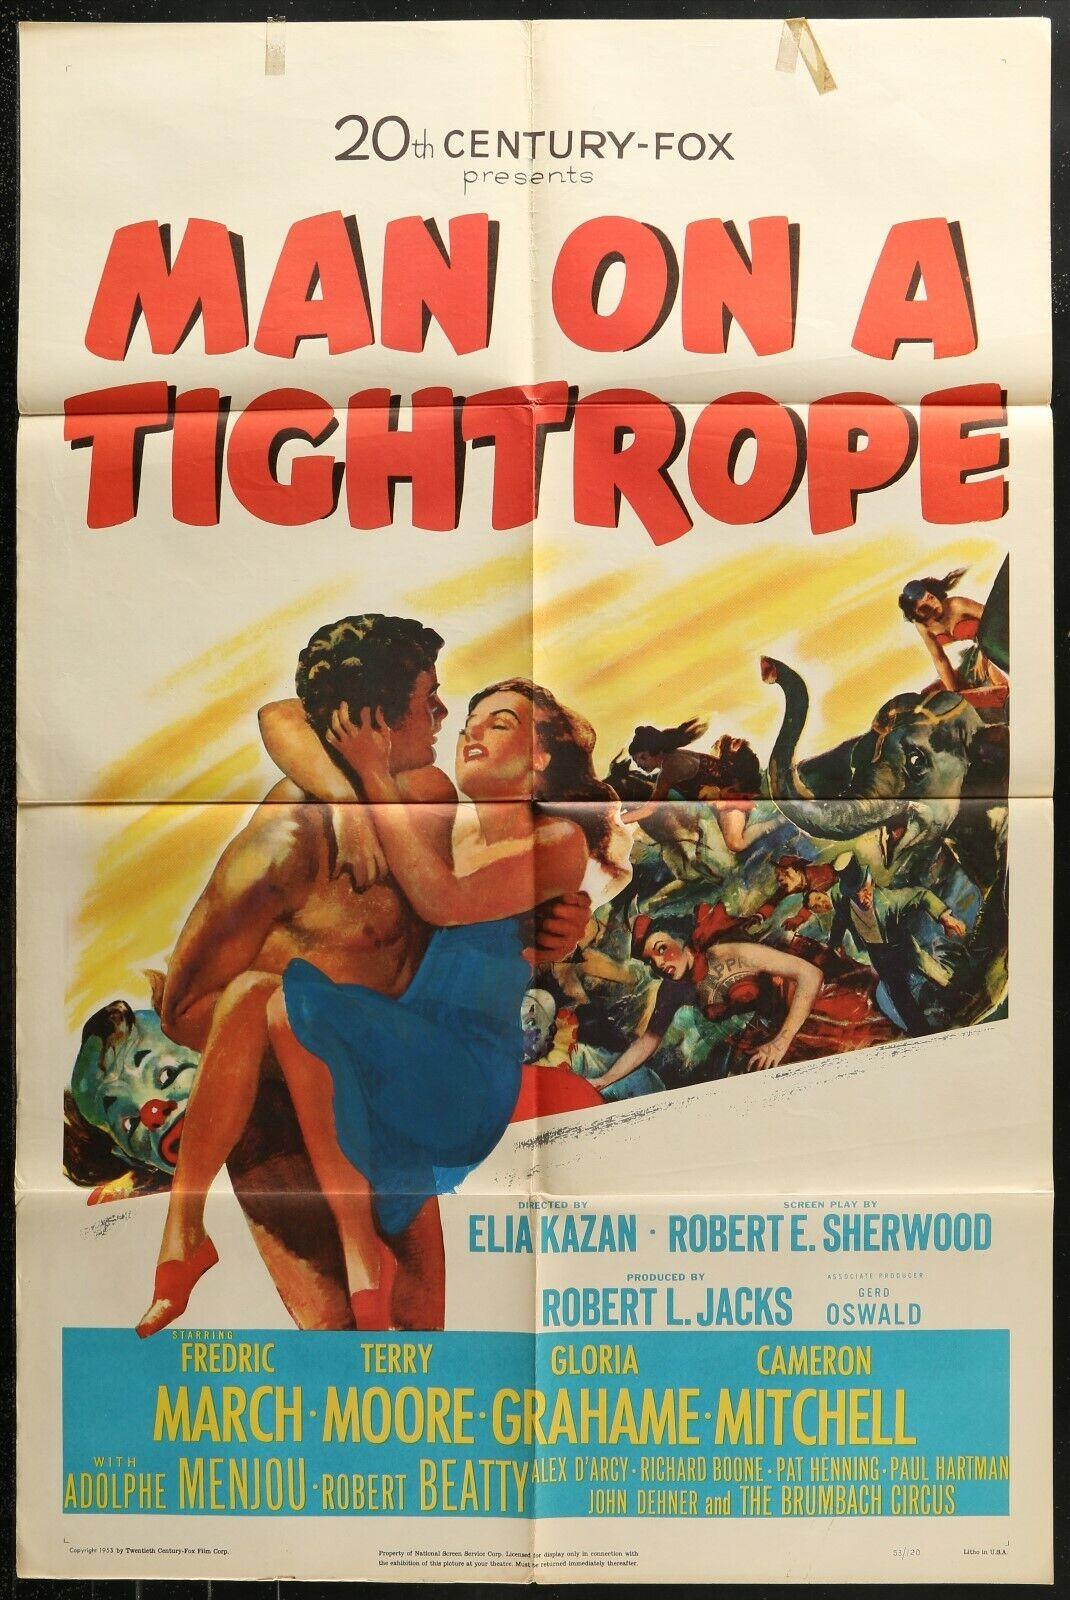 MAN ON A TIGHTROPE Elia Kazan ORIGINAL 1953 1-SHEET MOVIE POSTER 27 x 41